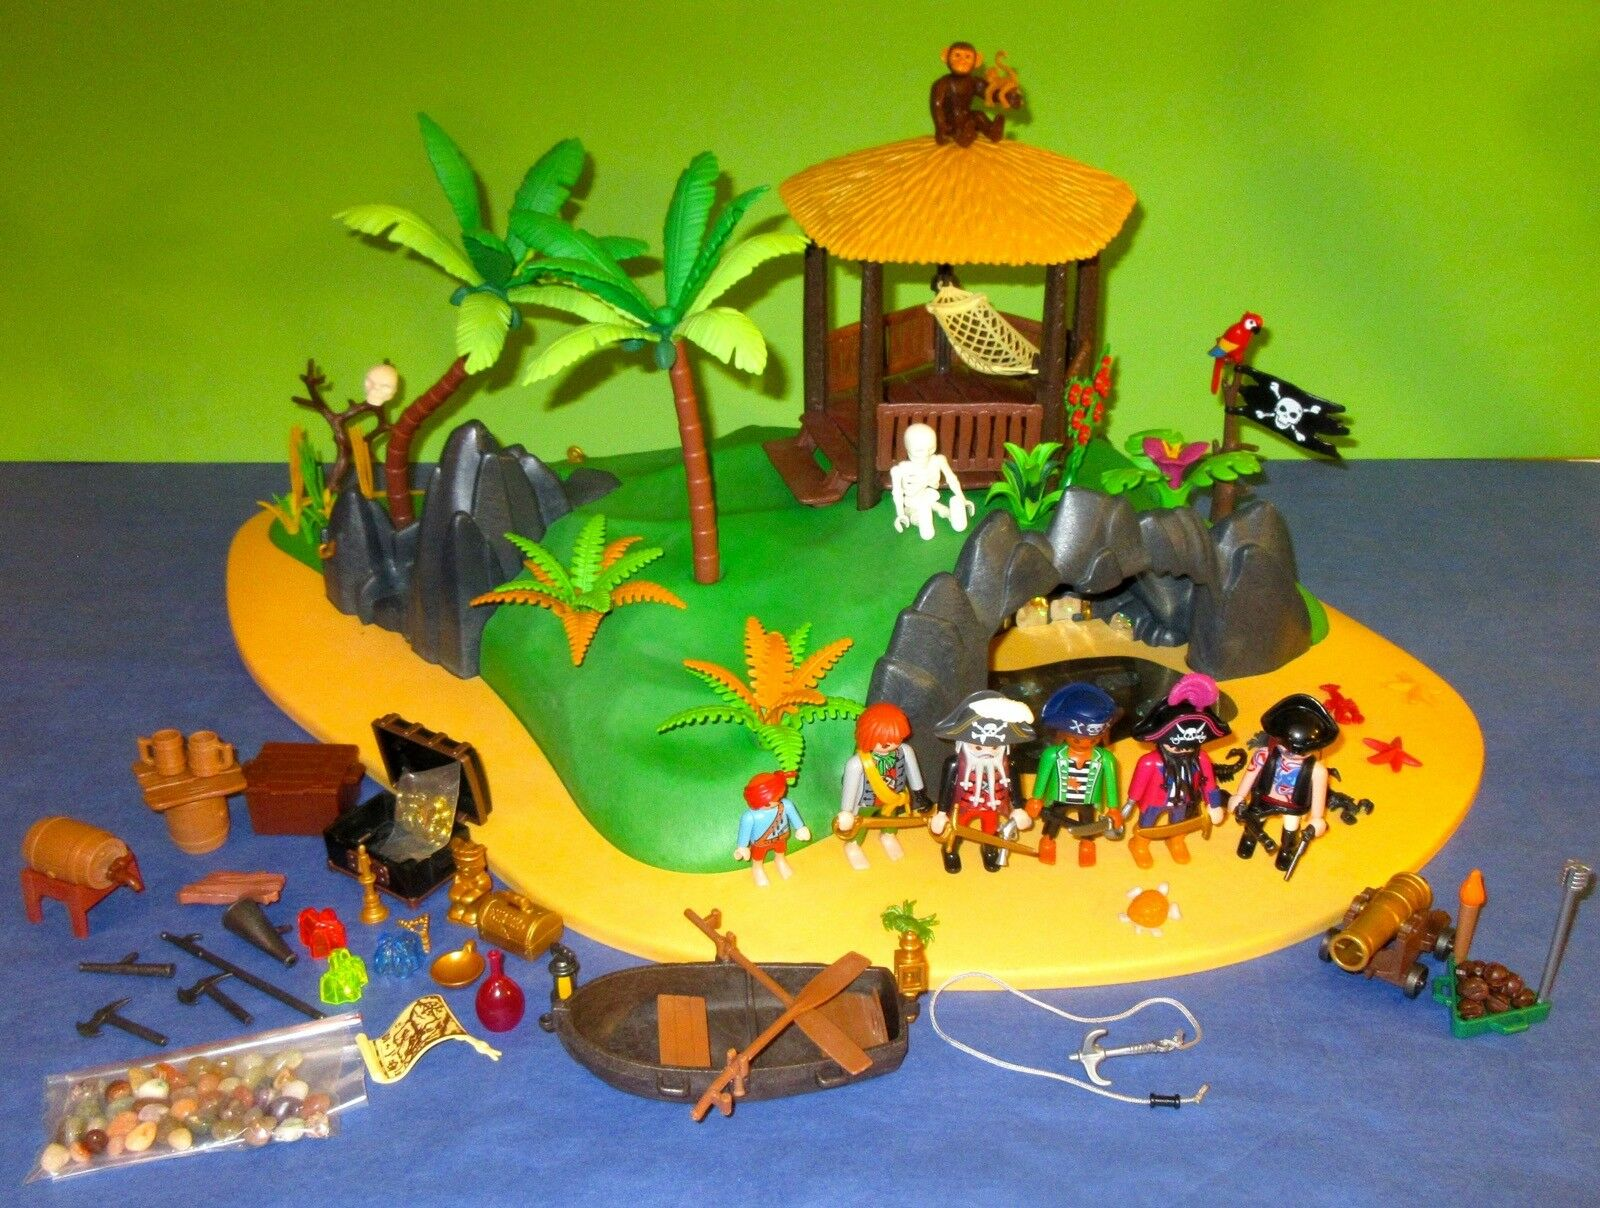 ♥Playmobil♥ 4073 große Pirateninsel mit viel Zubehör, tolle Figuren...